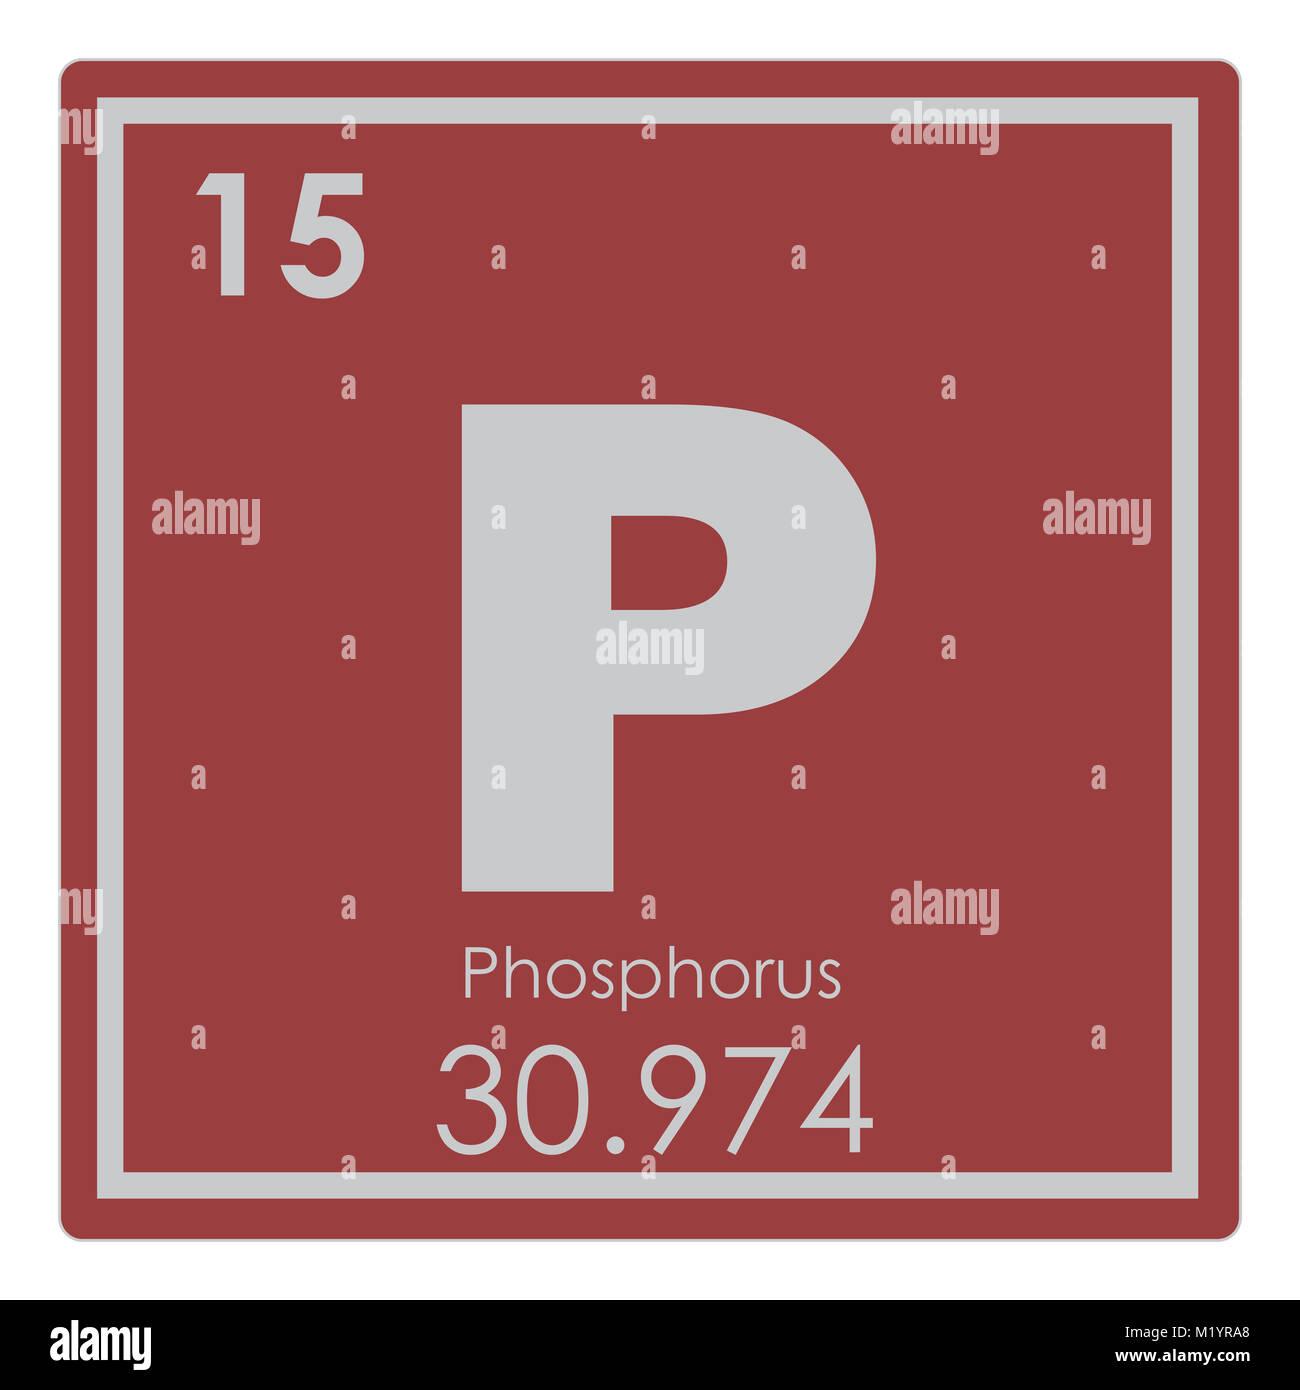 Elemento qumico fsforo tabla peridica ciencia smbolo foto elemento qumico fsforo tabla peridica ciencia smbolo urtaz Image collections